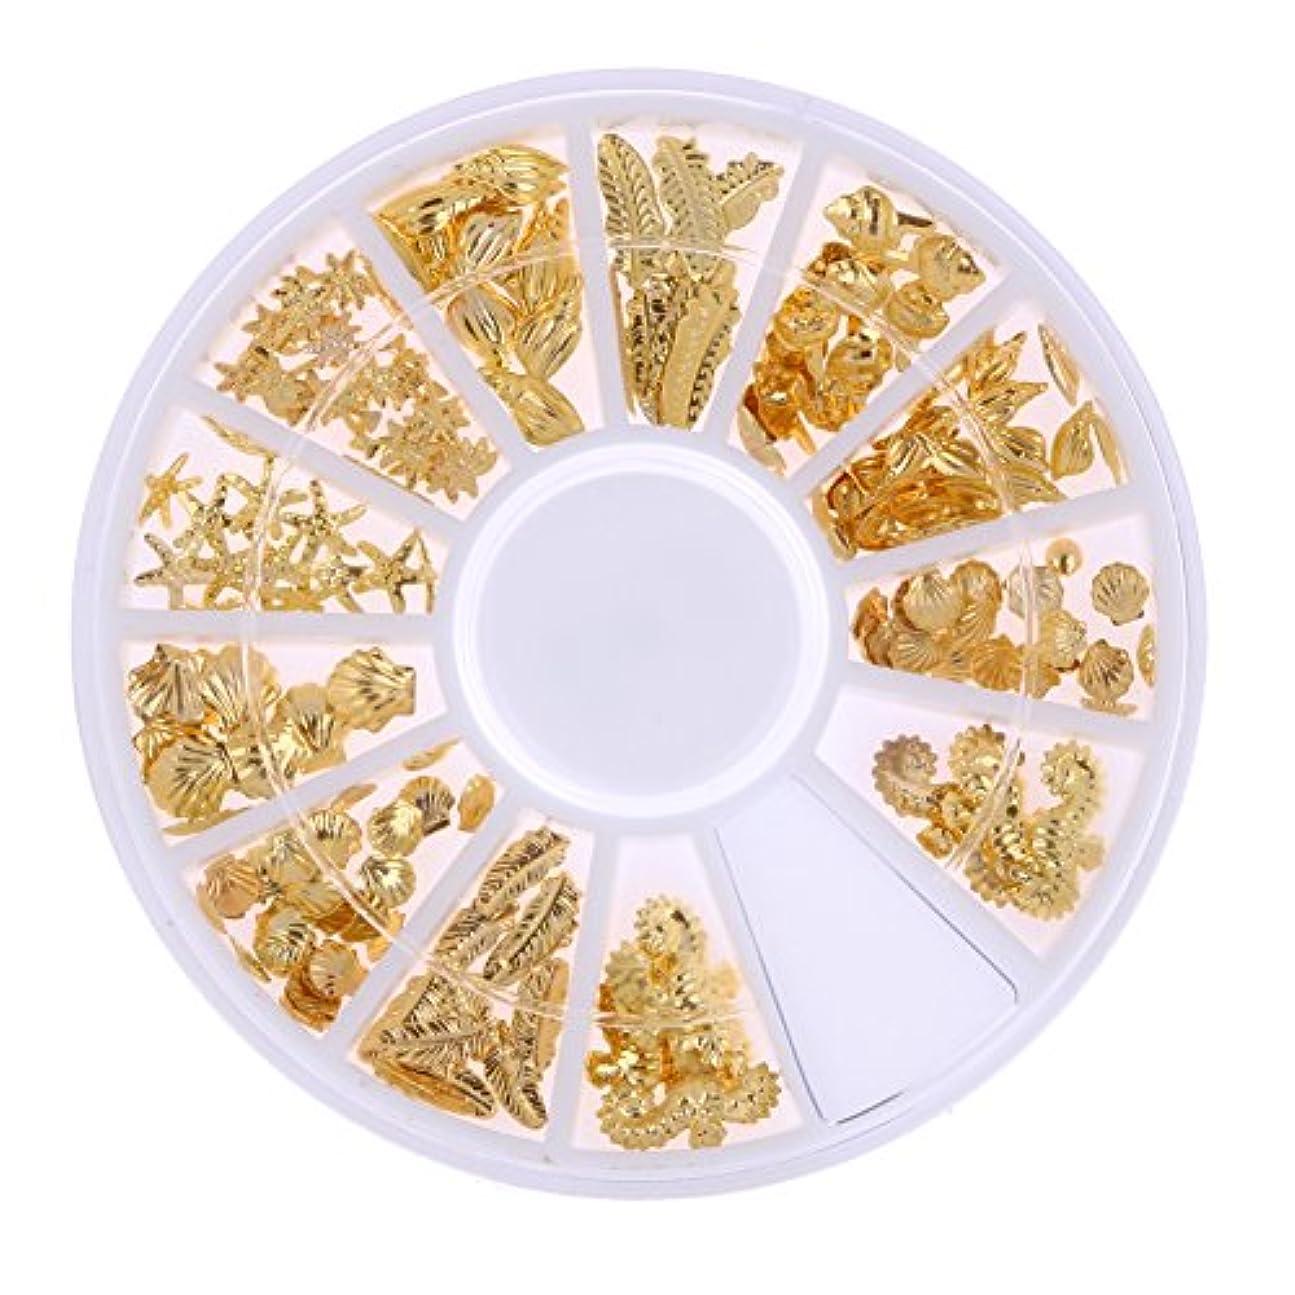 沈黙マントルオールDemiawaking ネイルパーツ メタル ネイルアート ゴールド 海テーマ(貝殻/海馬/海星) 12種類 DIY ネイルデコレーション ラウンドケース入 1個